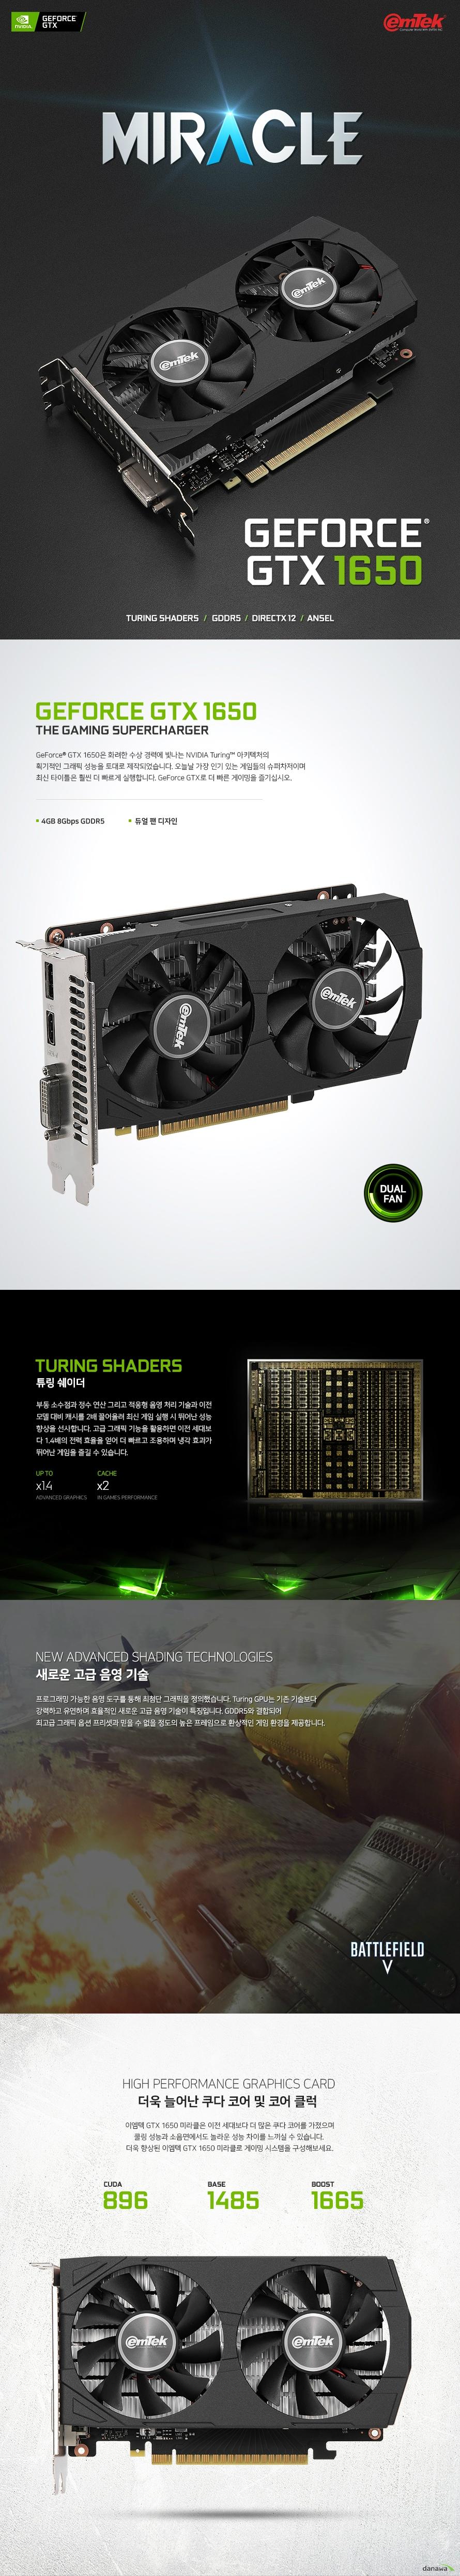 GTX 1650은 화려한 수상 경력에 빛나는 NVIDIA Turing™ 아키텍처의  획기적인 그래픽 성능을 토대로 제작되었습니다. 오늘날 가장 인기 있는 게임들의 슈퍼차저이며  최신 타이틀은 훨씬 더 빠르게 실행합니다. GeForce GTX로 더 빠른 게이밍을 즐기십시오.  부동 소수점과 정수 연산 그리고 적응형 음영 처리 기술과 이전 모델 대비 캐시를 2배 끌어올려 최신 게임 실행 시 뛰어난 성능 향상을 선사합니다. 고급 그래픽 기능을 활용하면 이전 세대보 다 1.4배의 전력 효율을 얻어 더 빠르고 조용하며 냉각 효과가 뛰어난 게임을 즐길 수 있습니다.   프로그래밍 가능한 음영 도구를 통해 최첨단 그래픽을 정의했습니다. Turing GPU는 기존 기술보다 강력하고 유연하며 효율적인 새로운 고급 음영 기술이 특징입니다. 세계에서 가장 빠른 메모리인 GDDR6와 결합되어  최고급 그래픽 옵션 프리셋과 믿을 수 없을 정도의 높은 프레임으로 환상적인 게임 환경을 제공합니다.  이엠텍 GTX 1650 미라클은 이전 세대보다 더 많은 쿠다 코어를 가졌으며 쿨링 성능과 소음면에서도 놀라운 성능 차이를 느끼실 수 있습니다.  더욱 향상된 이엠텍 GTX 1650 미라클로 게이밍 시스템을 구성해보세요.